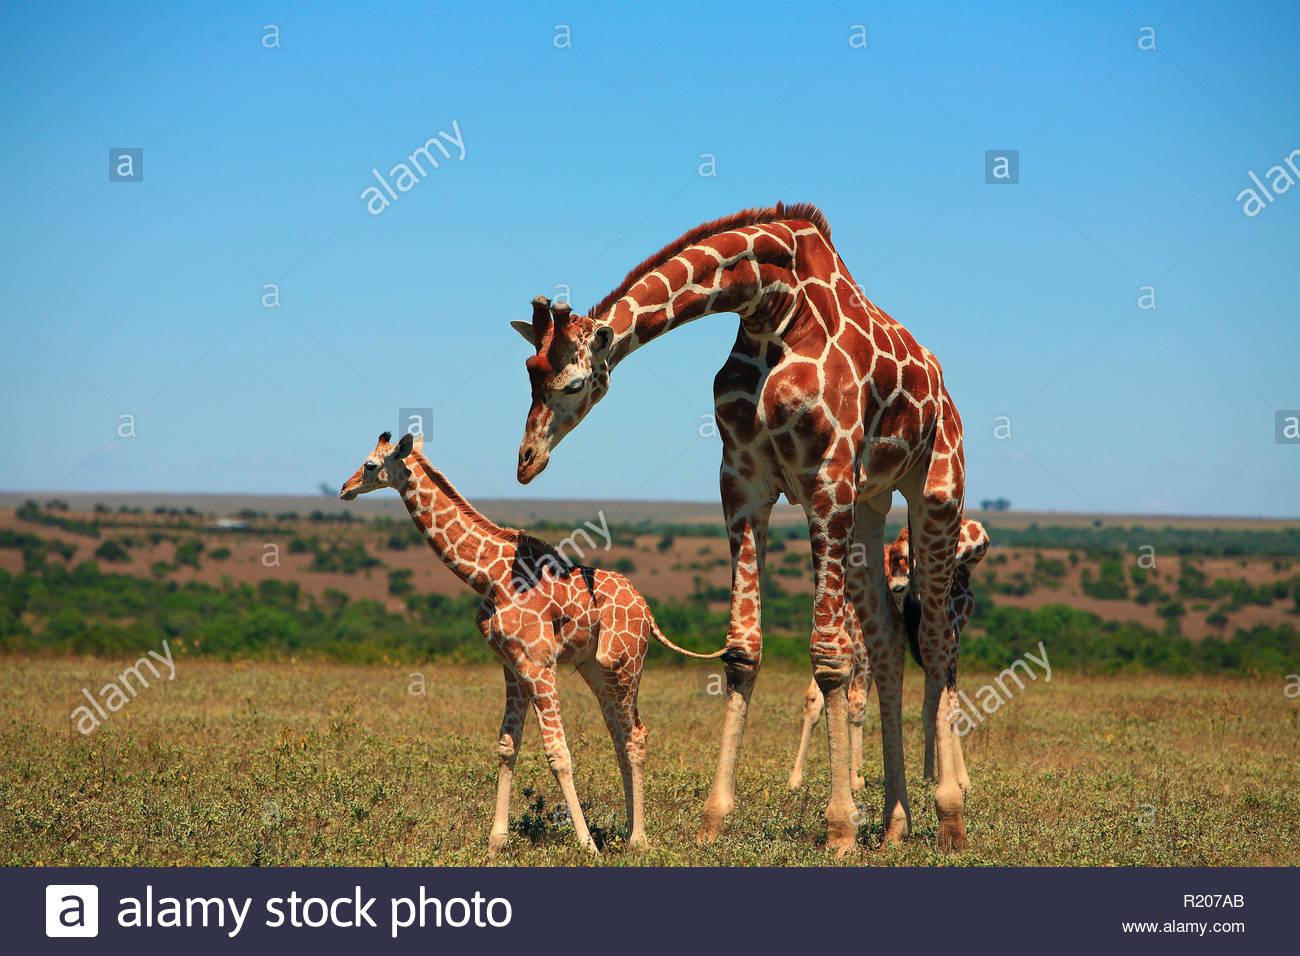 Giraffe (Giraffa camelopardalis) mit Jungtier, Regione di Mweiga, in Kenia, Afrika   Giraffe (Giraffa camelopardalis) con vitello, area di Mweiga, Kenya, Africa Immagini Stock